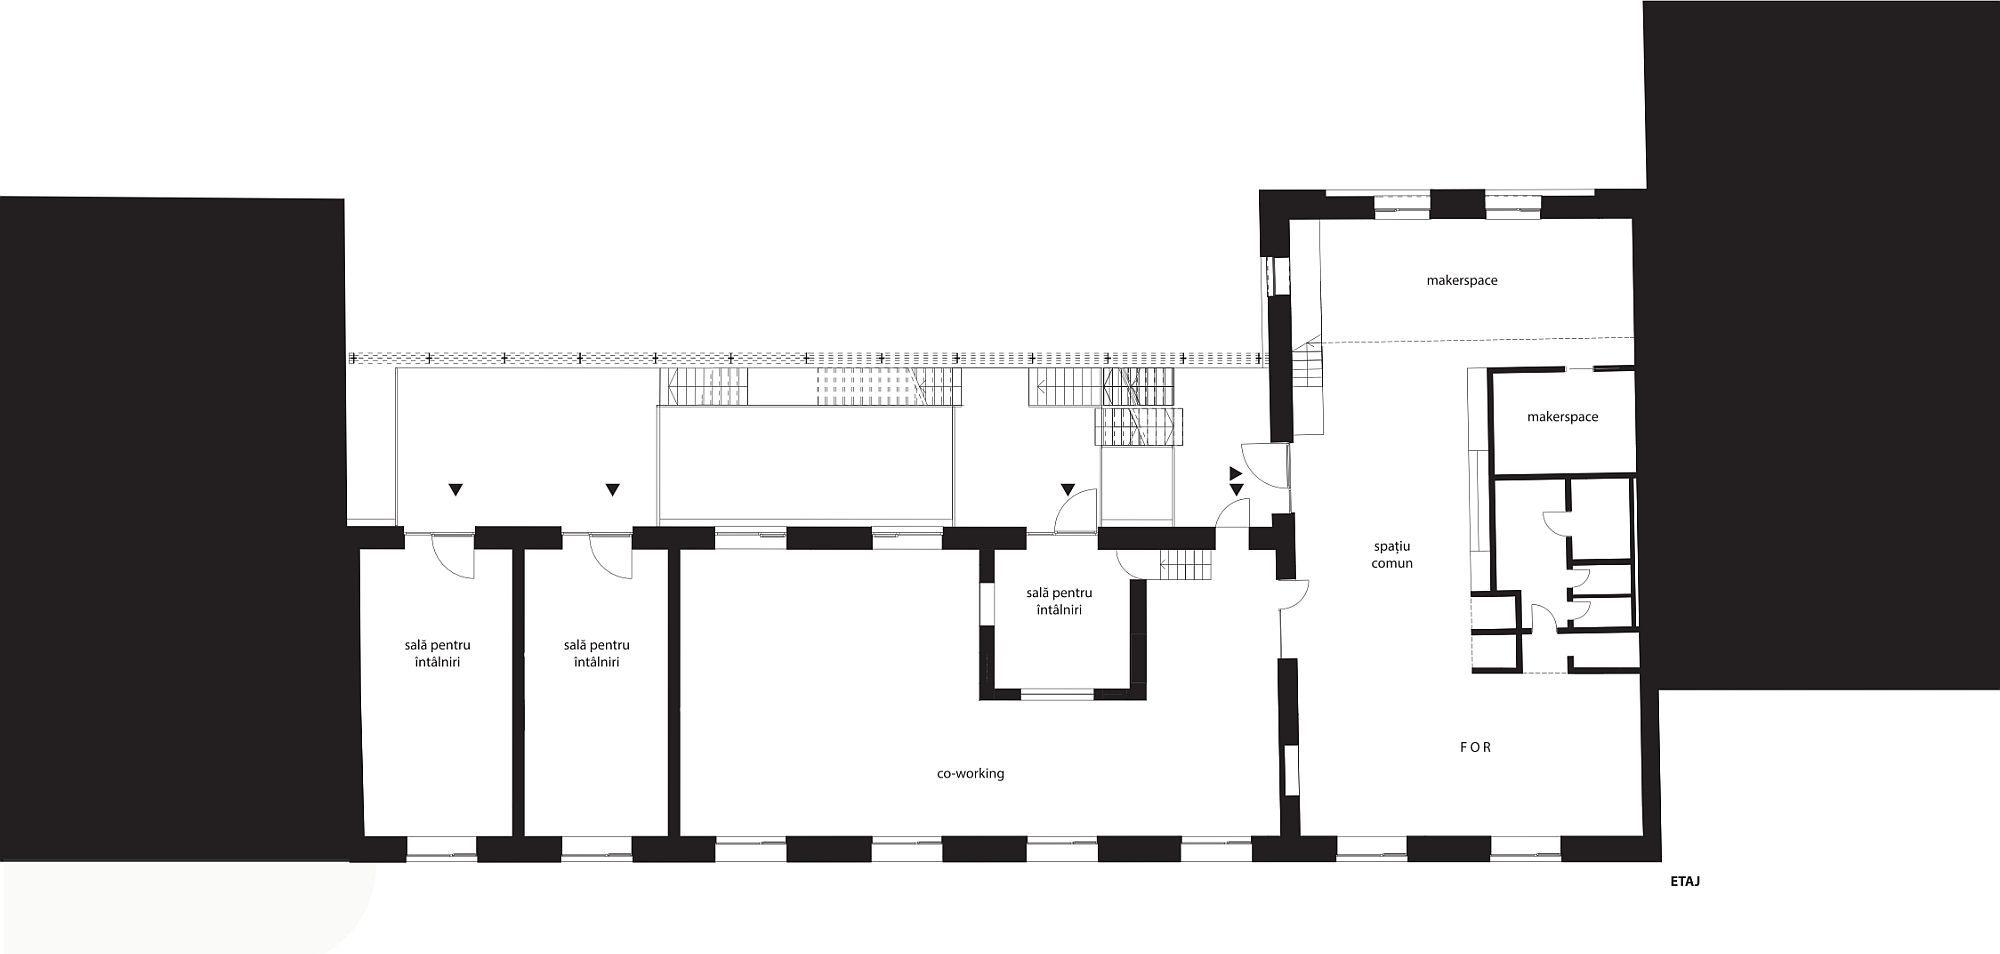 Plan etaj- FABER Centru cultural și productiv independent Timisoara